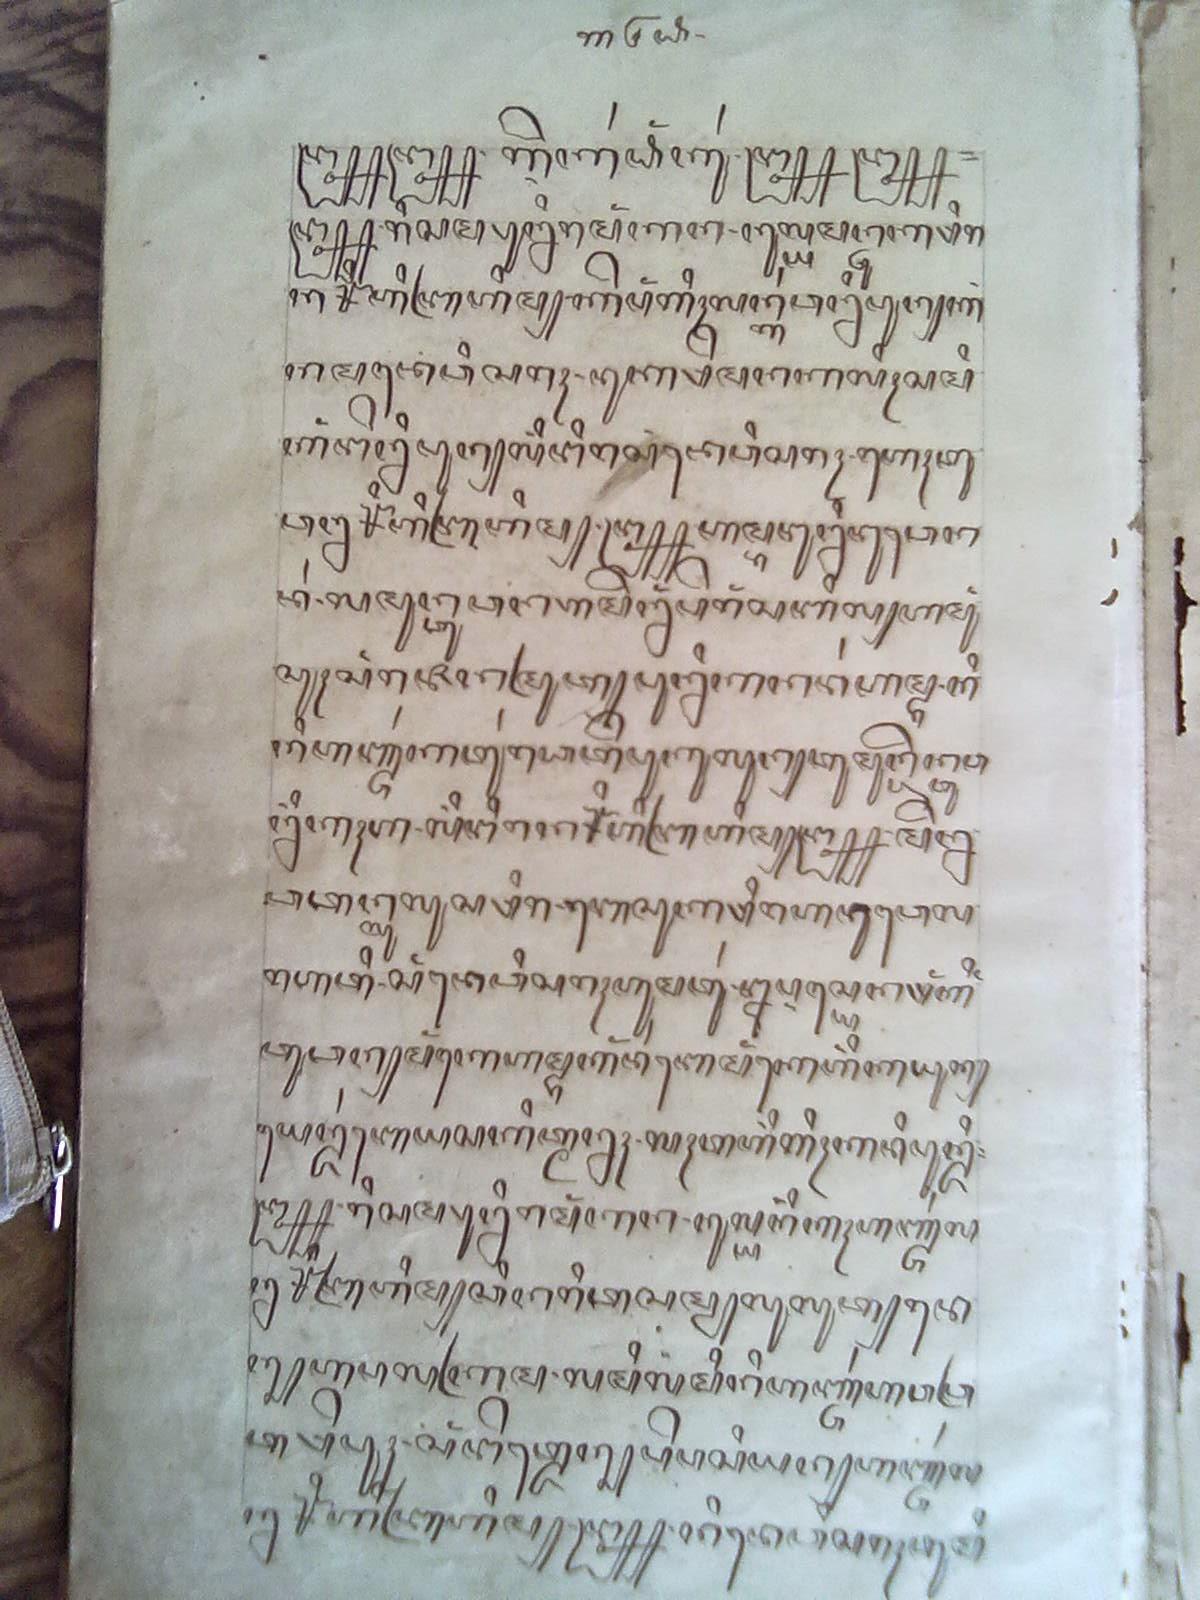 Naskah Manuskrip, Serat Tata Cara Islam